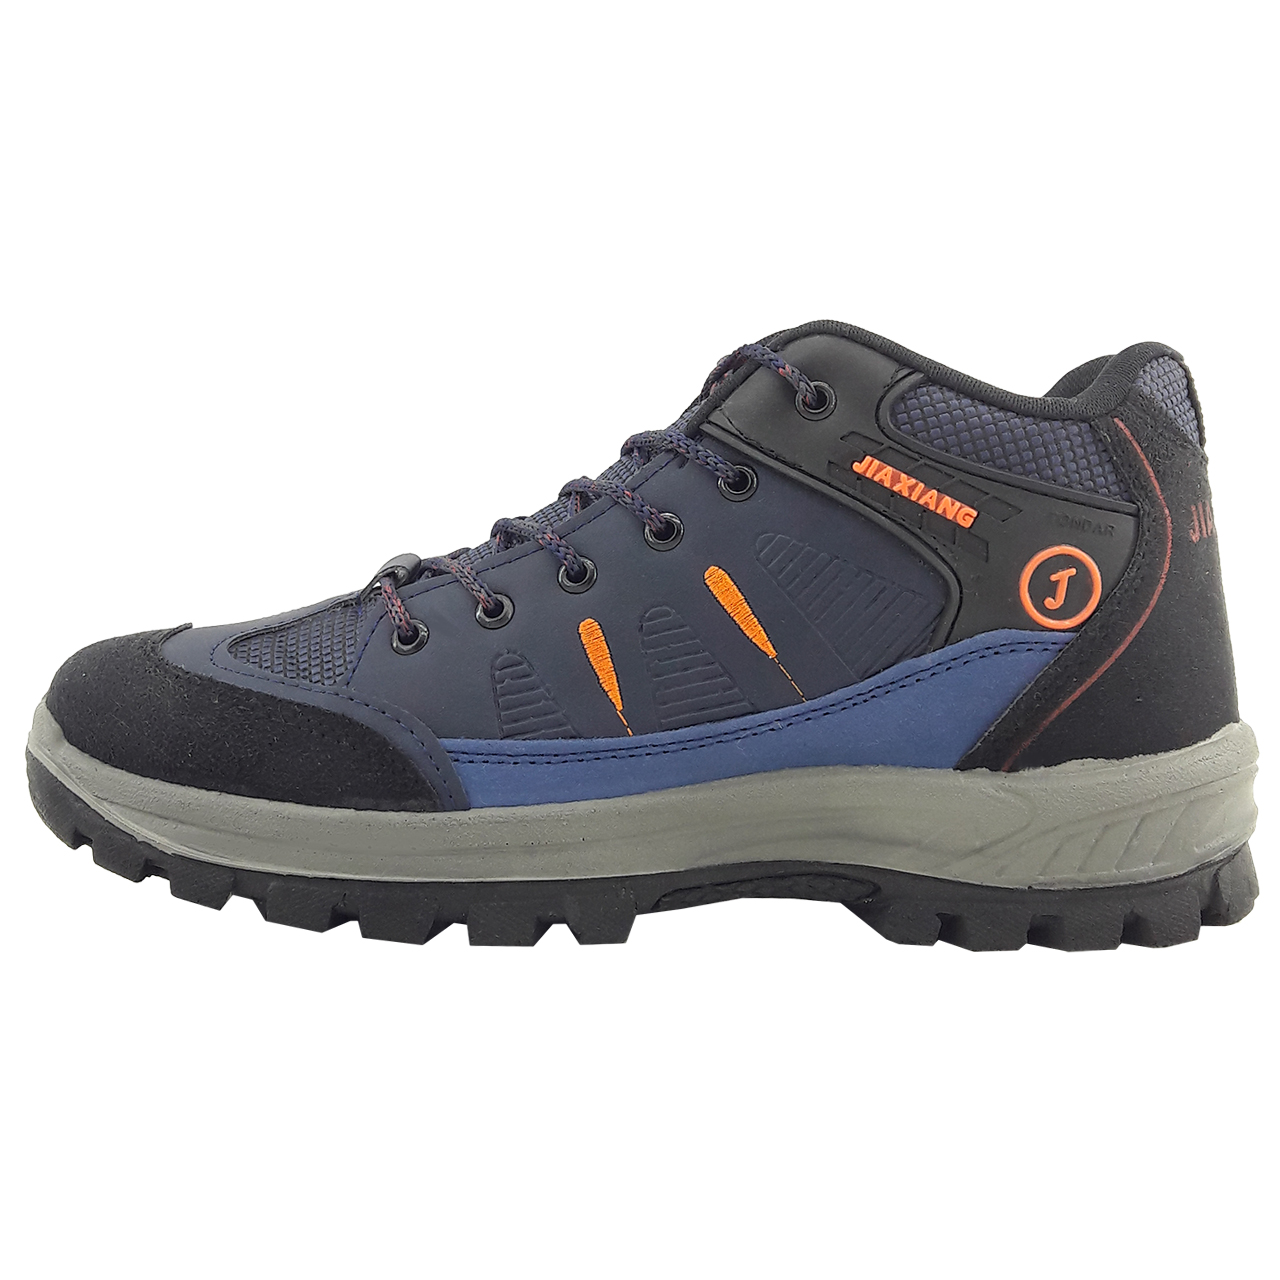 قیمت کفش کوهنوردی مردانه جیاکسیانگ مدل Jx.tnd.nvy-01